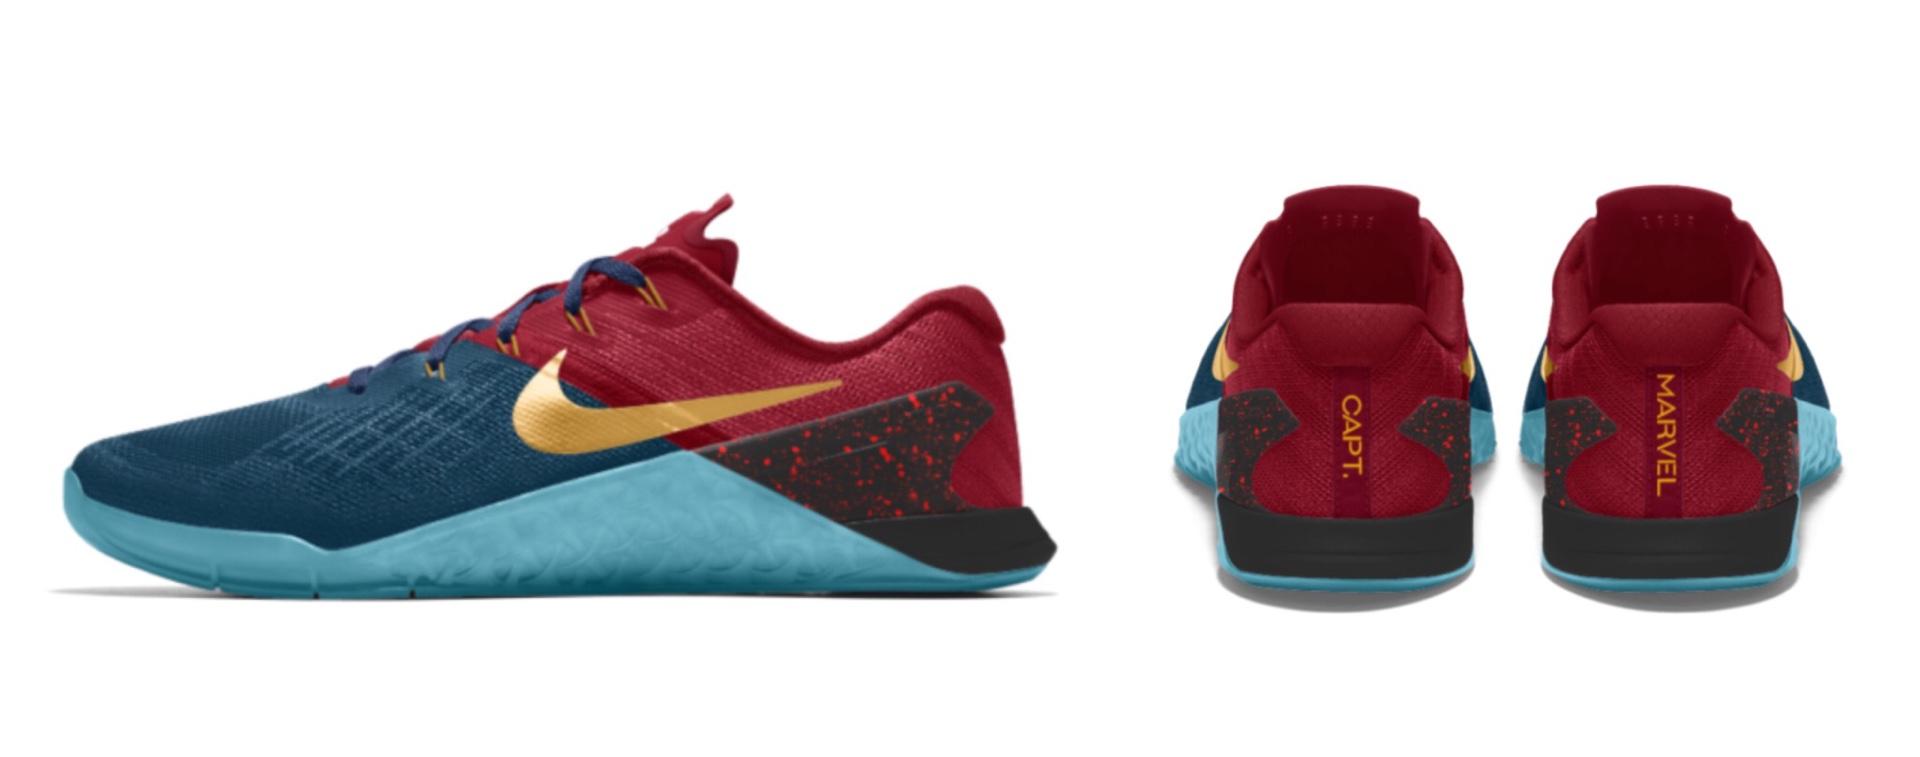 Captain Marvel-inspired Nike running shoes. ($150)